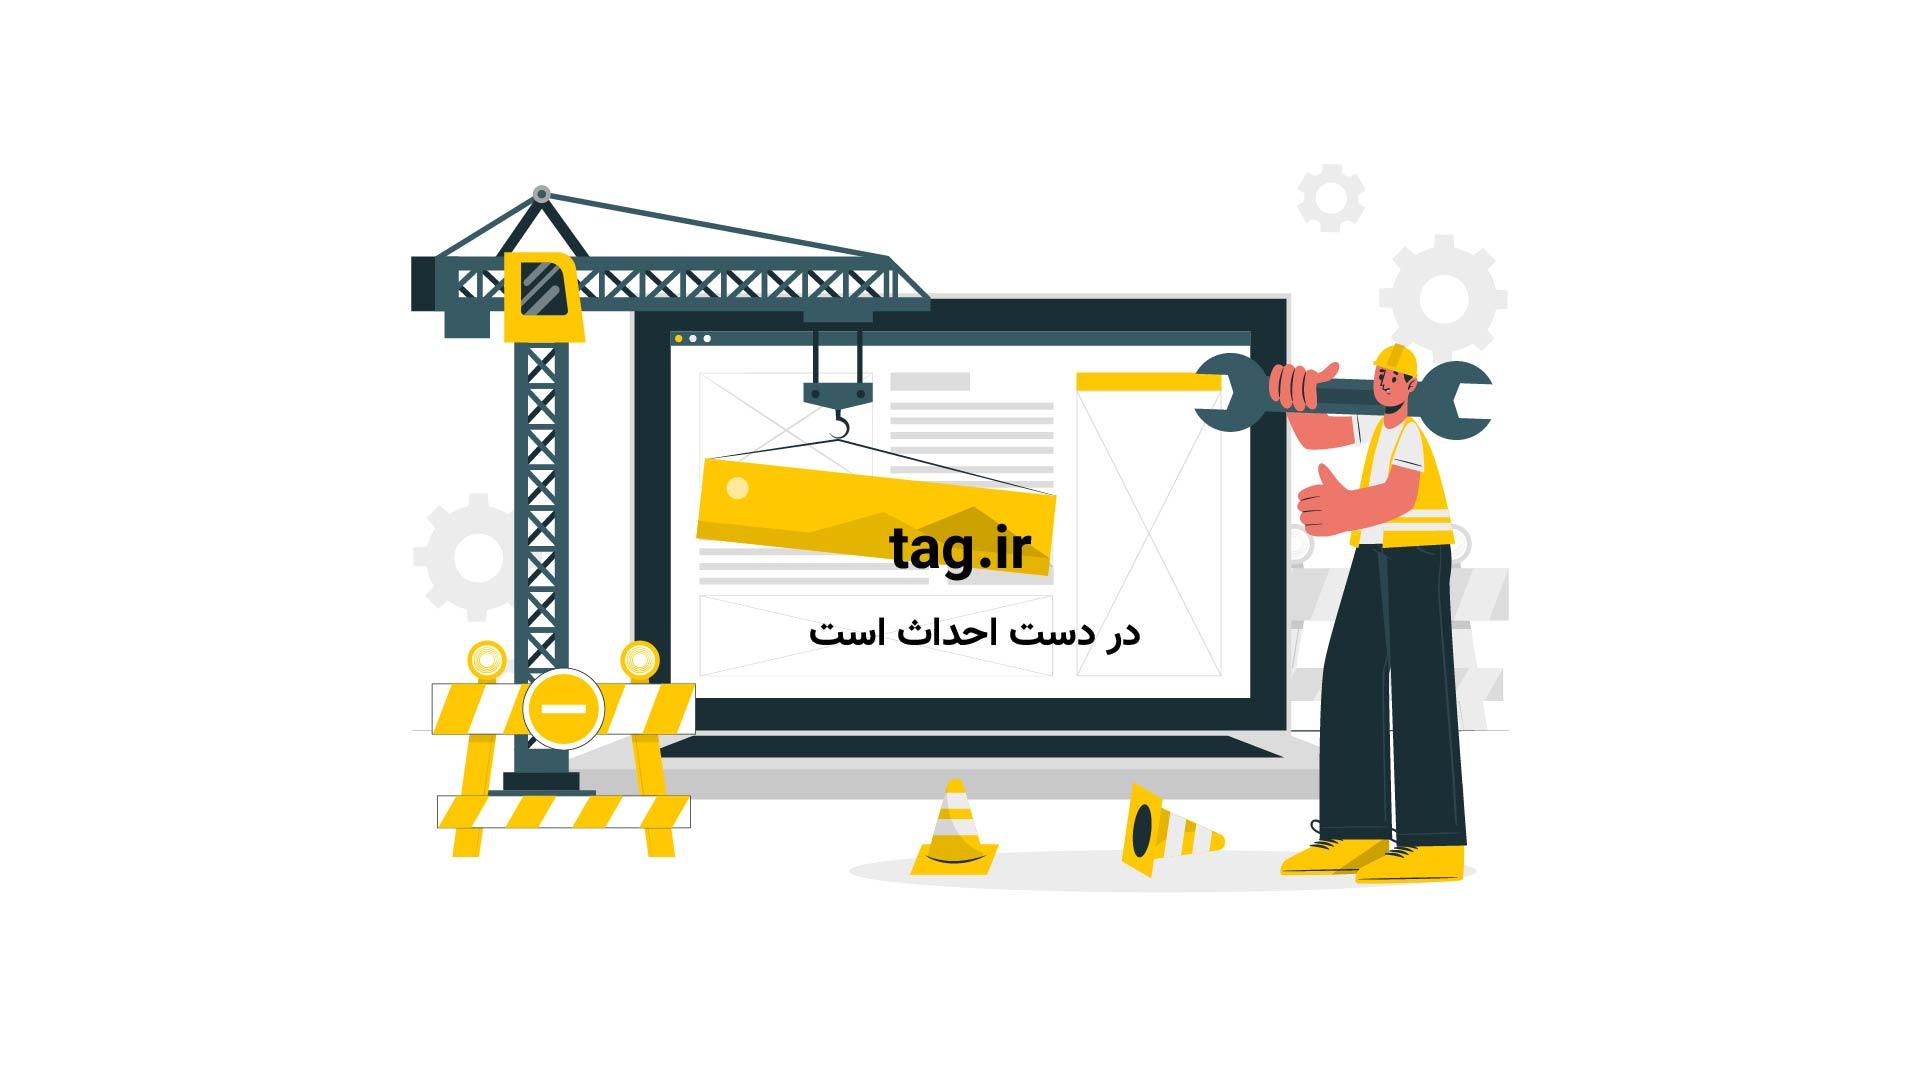 عراقچی: اقدام خصمانه کنگره با واکنش قطعی جمهوری اسلامی مواجه خواهد شد   فیلم